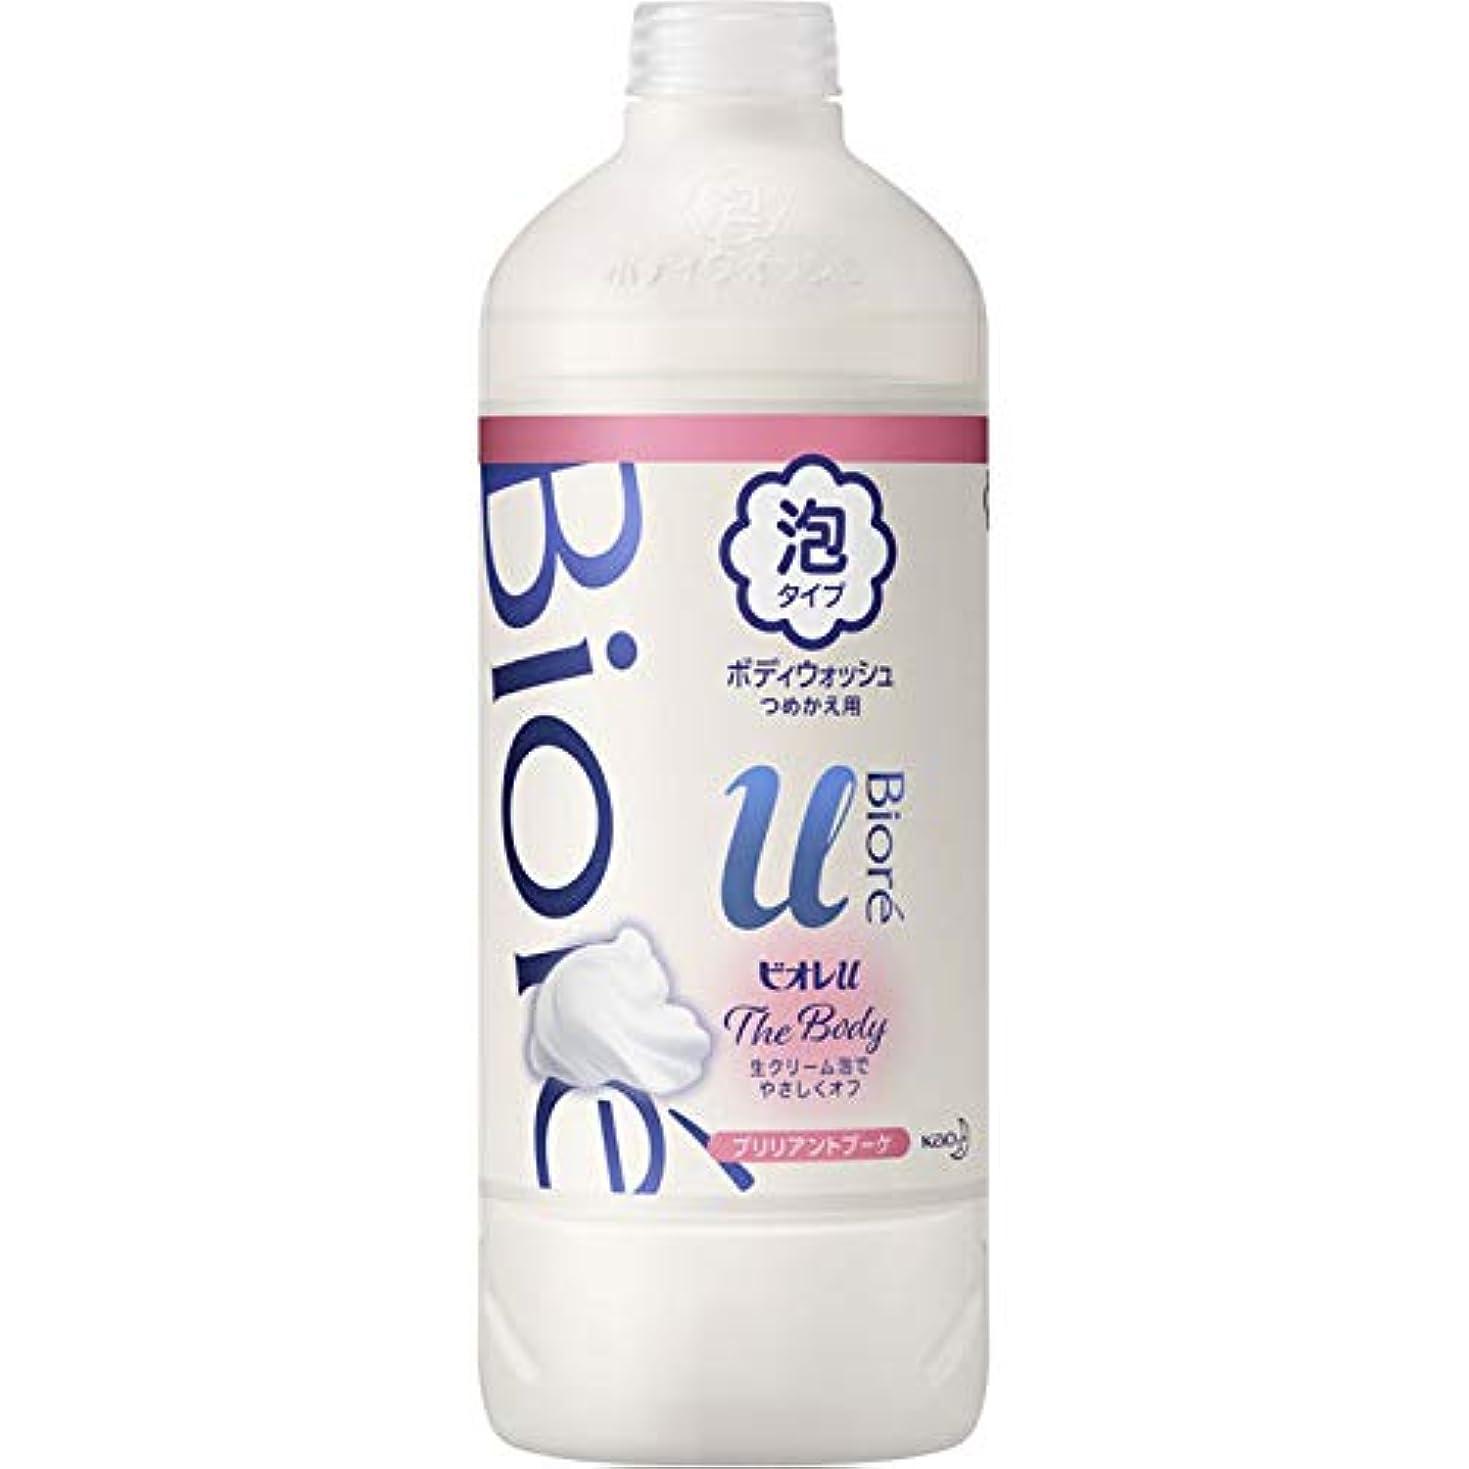 フォーム反響する寄り添う花王 ビオレu ザ ボディ泡ブリリアントブーケの香り 詰替え用 450ml